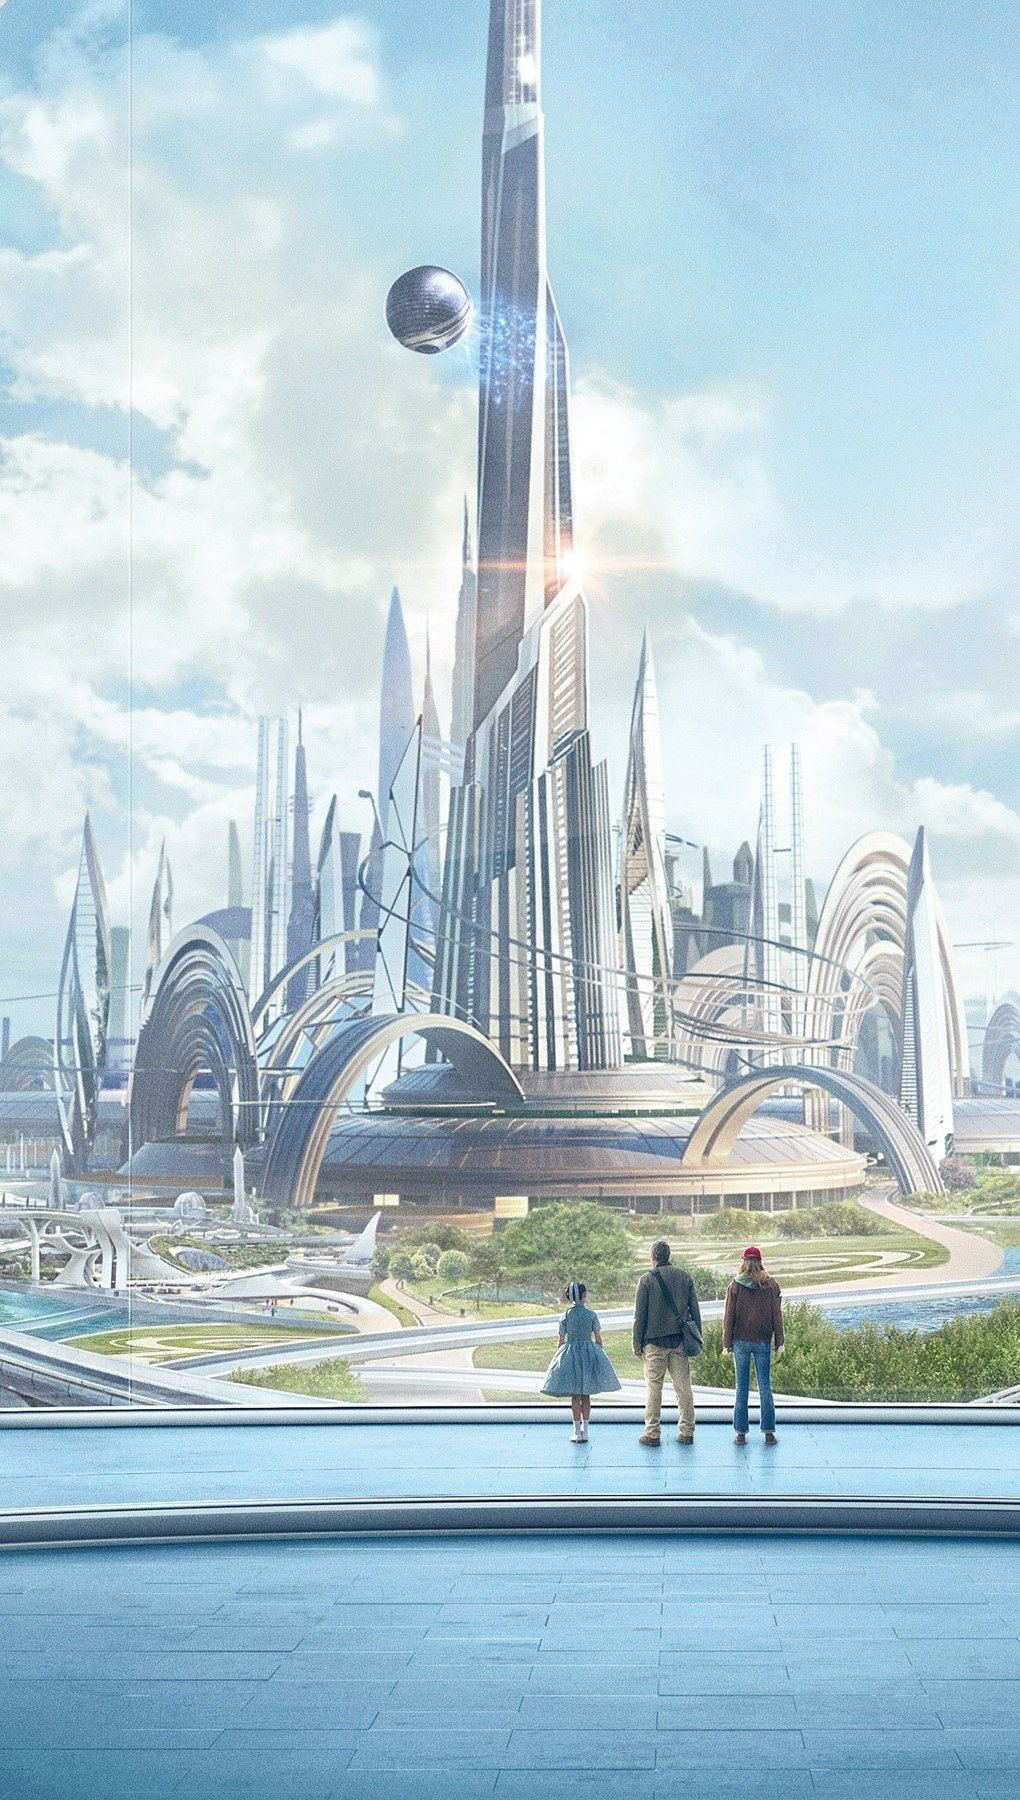 Fondos de pantalla Ciudad Tomorrowland Vertical